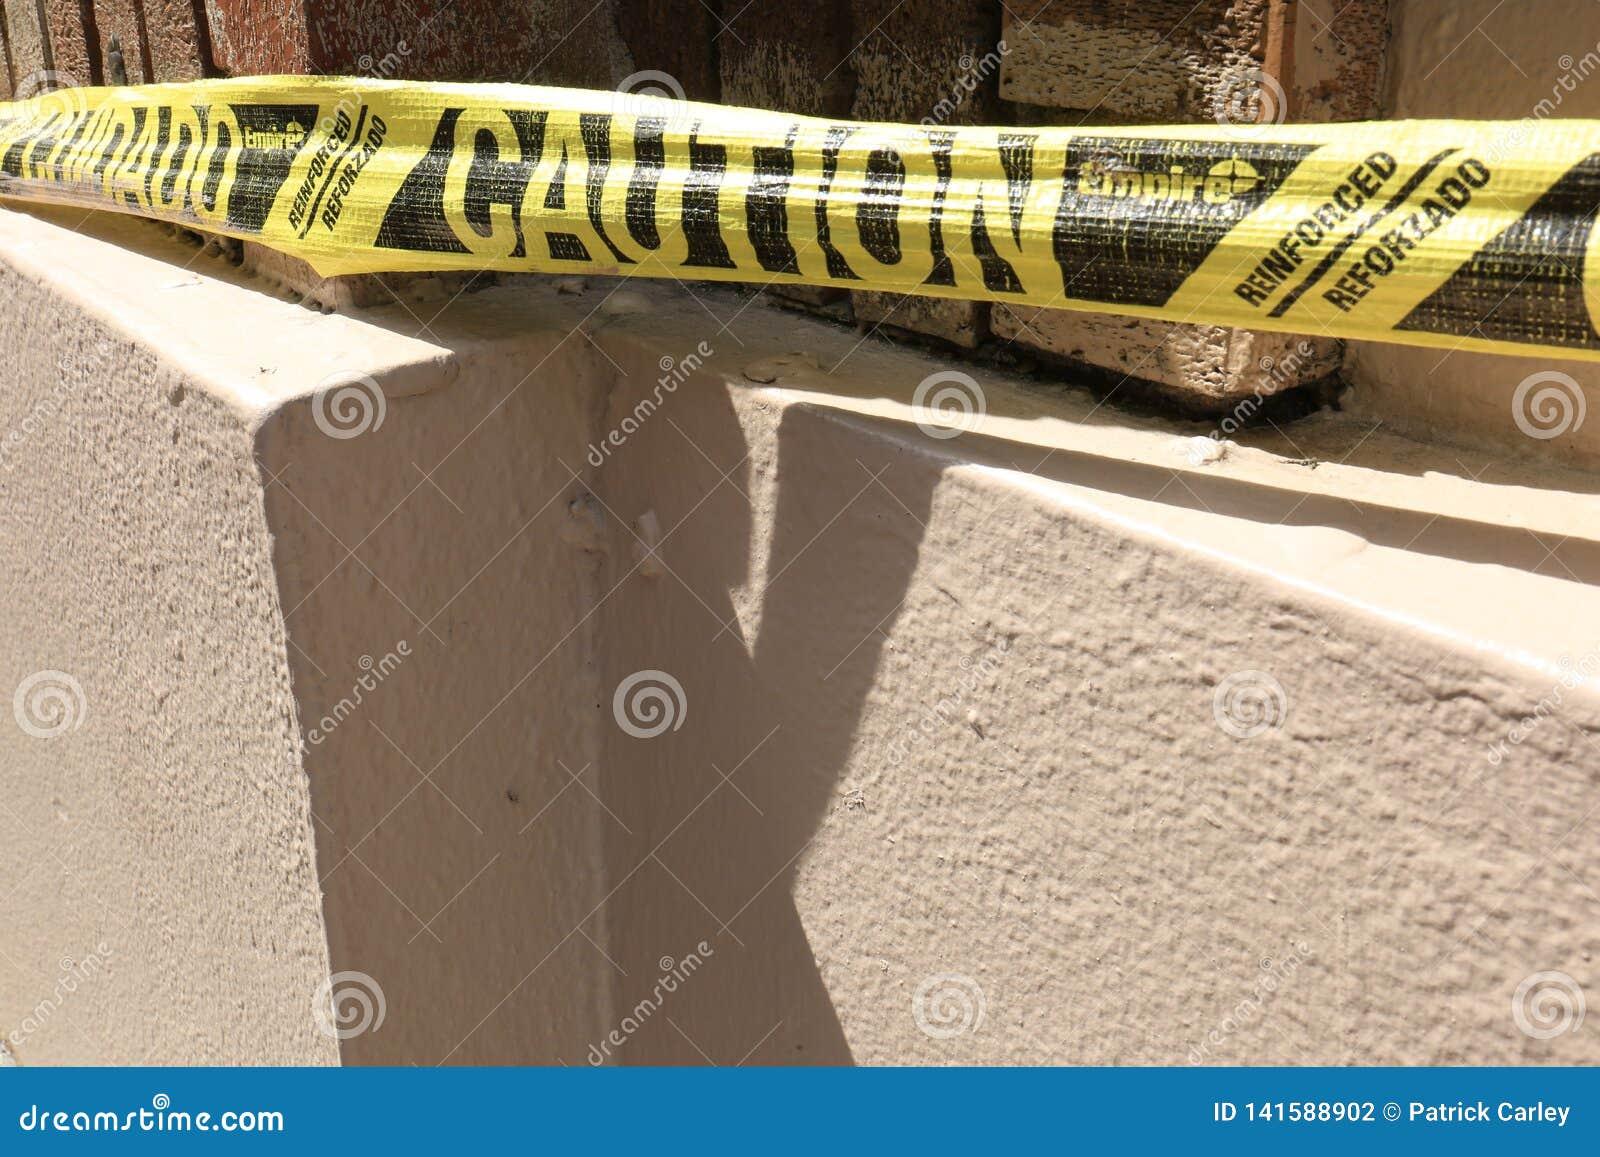 Bande de précaution au chantier de construction